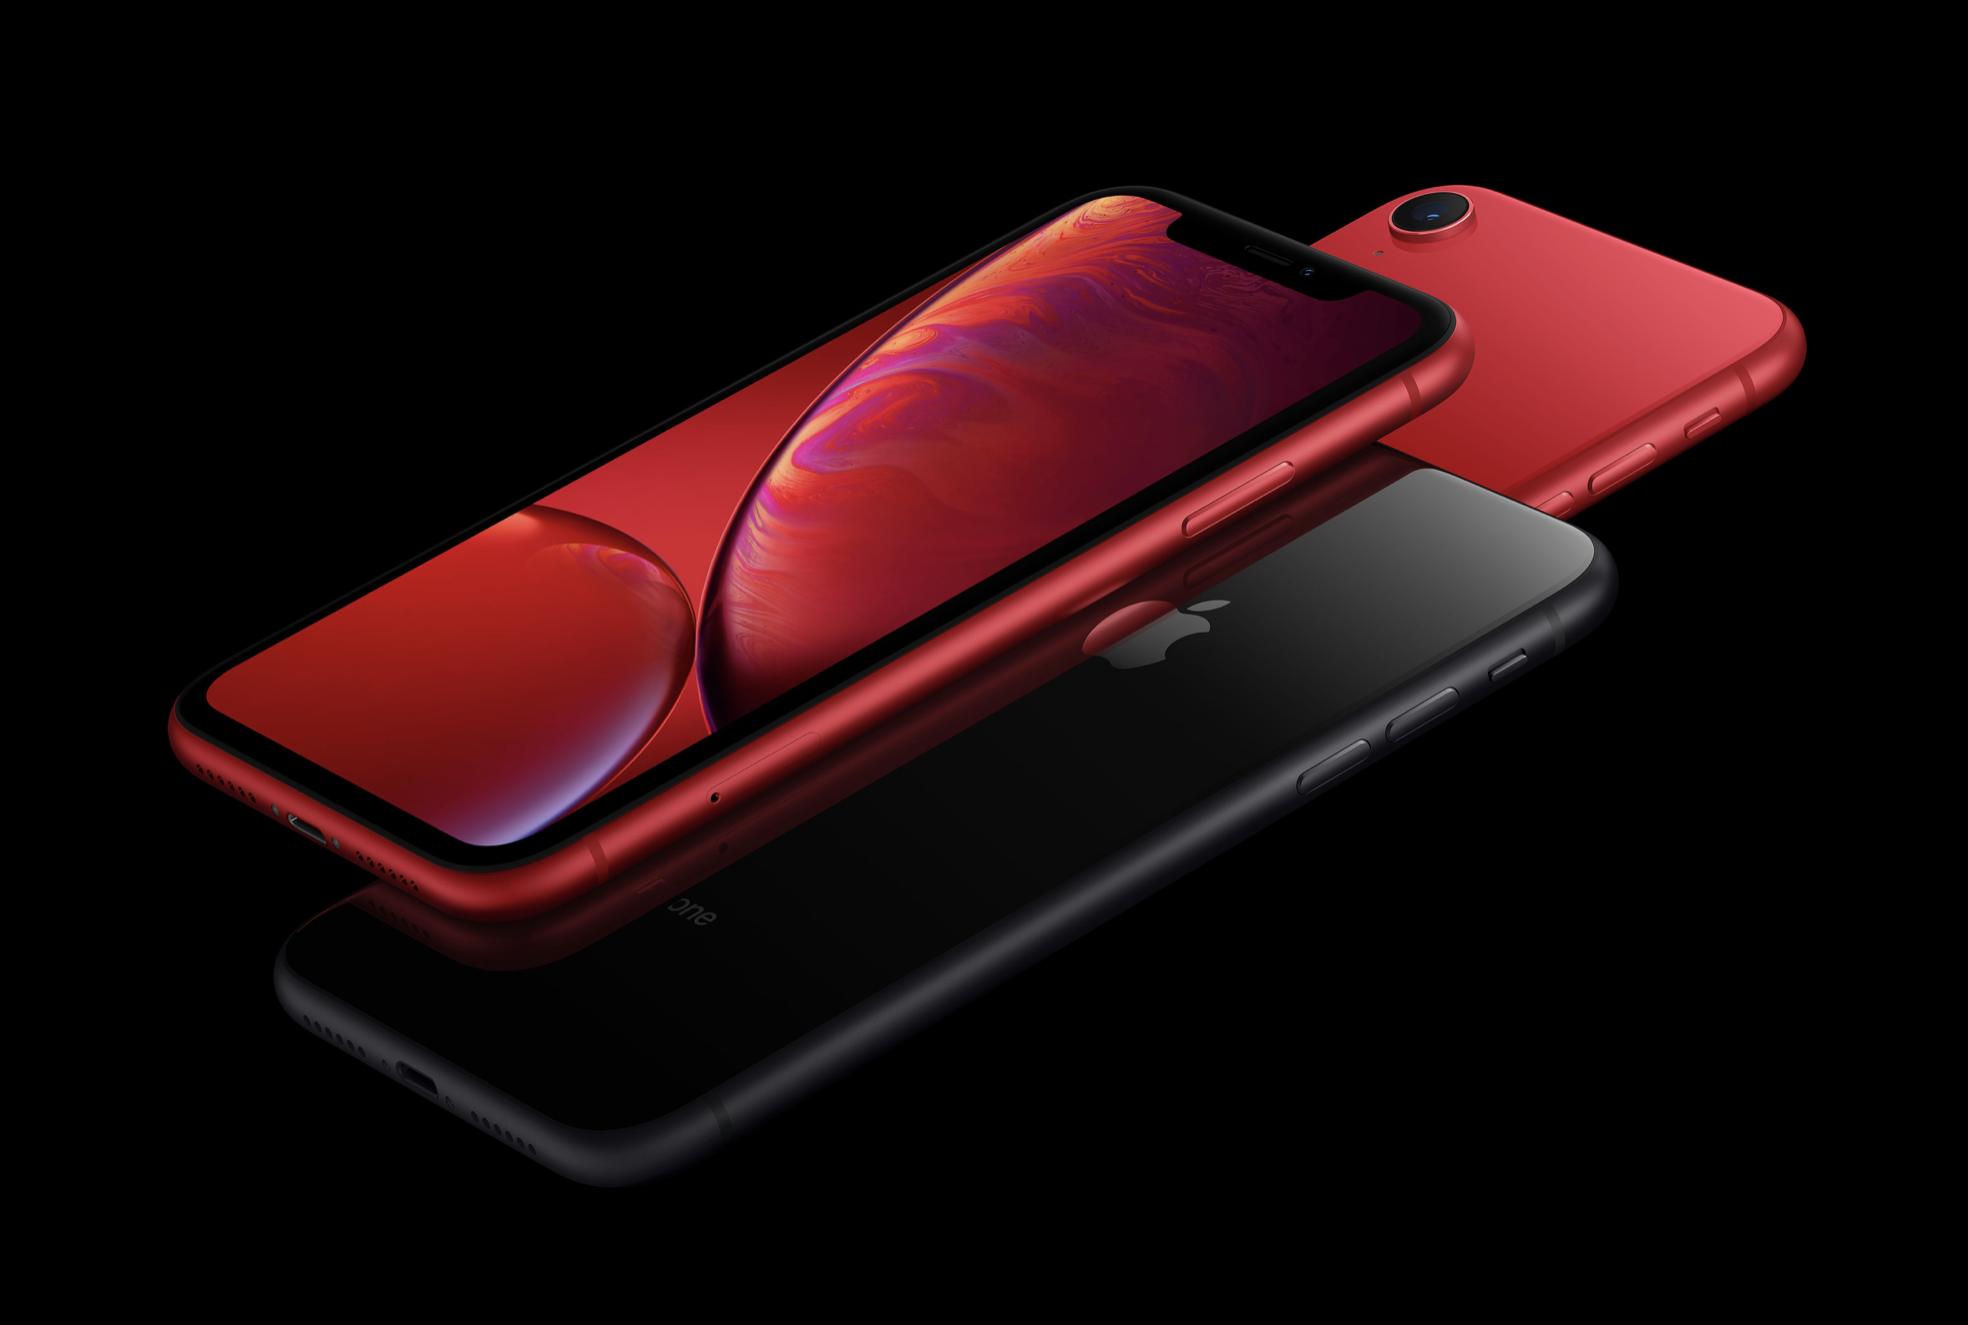 バッテリー寿命テストで、iPhone XRがiPhone XS MaxとPixel 3 XLよりも優れている事が明らかに